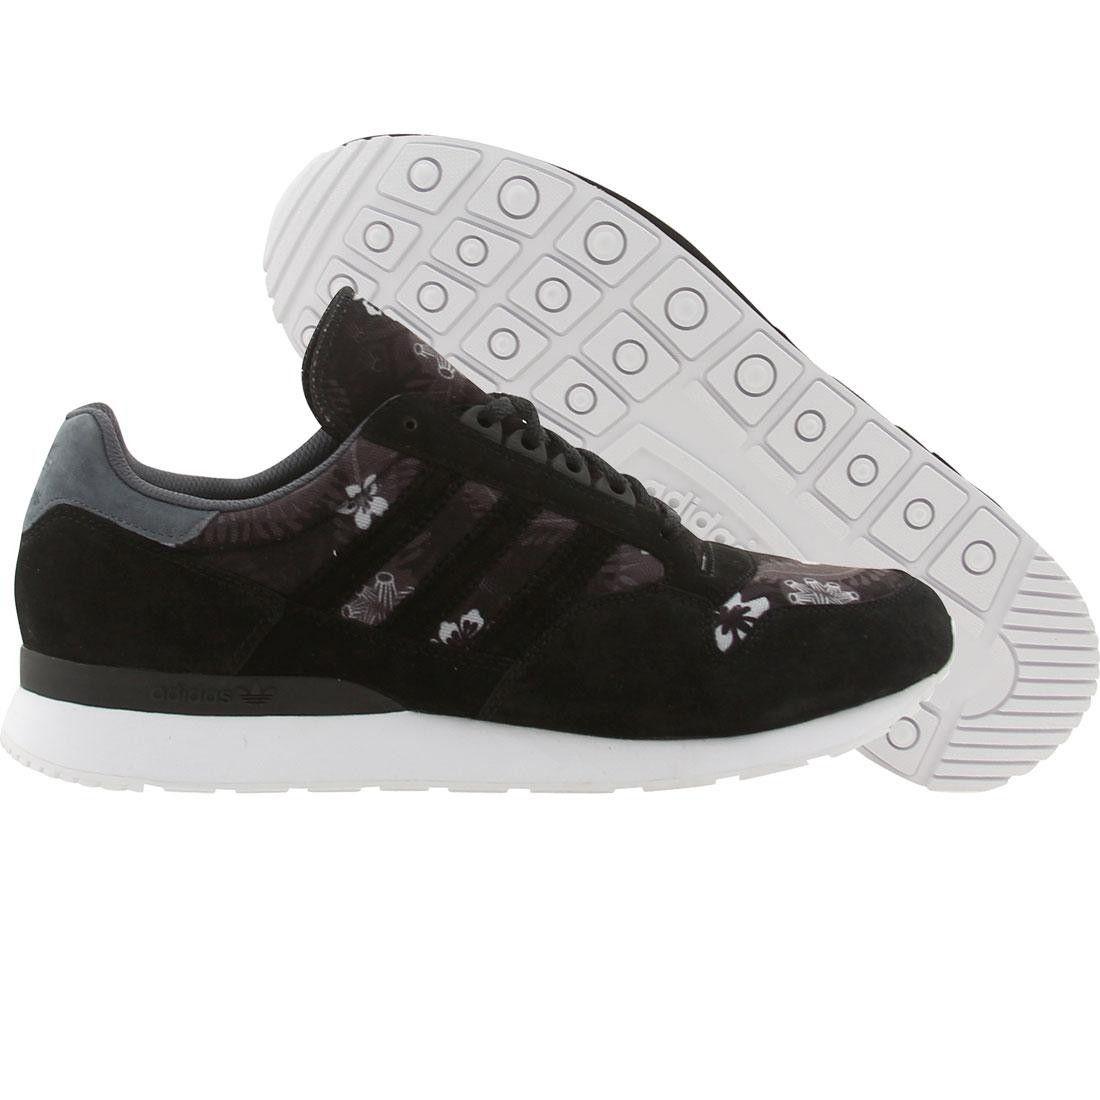 Adidas Men Zx 500 Hawaiian Black Lead Runninwhite